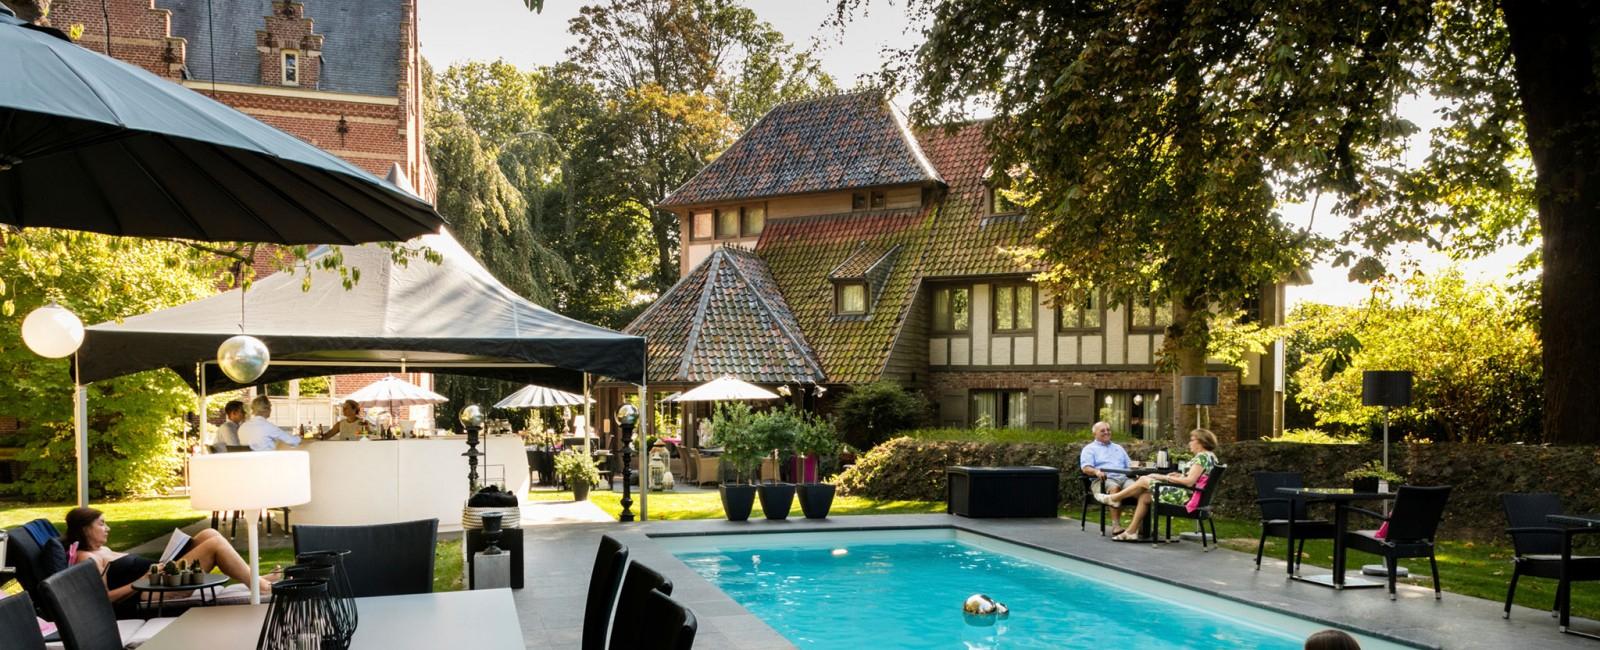 Manoir Ogygia: Charmehotel In Poperinge Belgium avec Poperinge Piscine